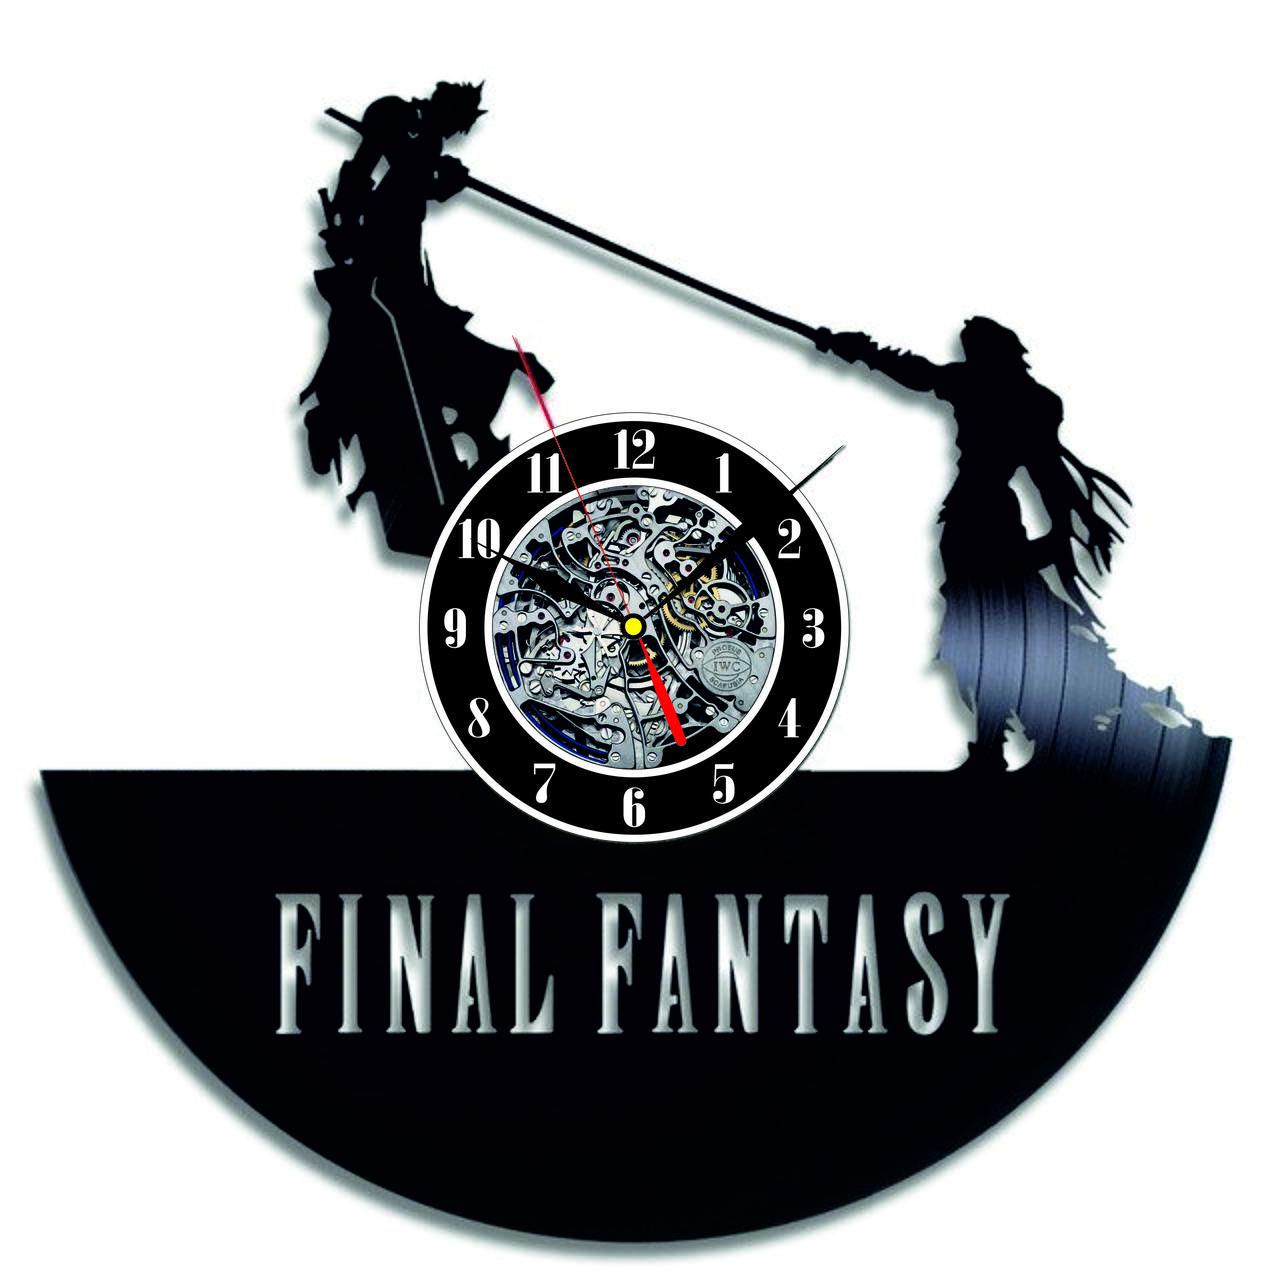 Настенные часы из виниловых пластинок LikeMark Final Fantasy